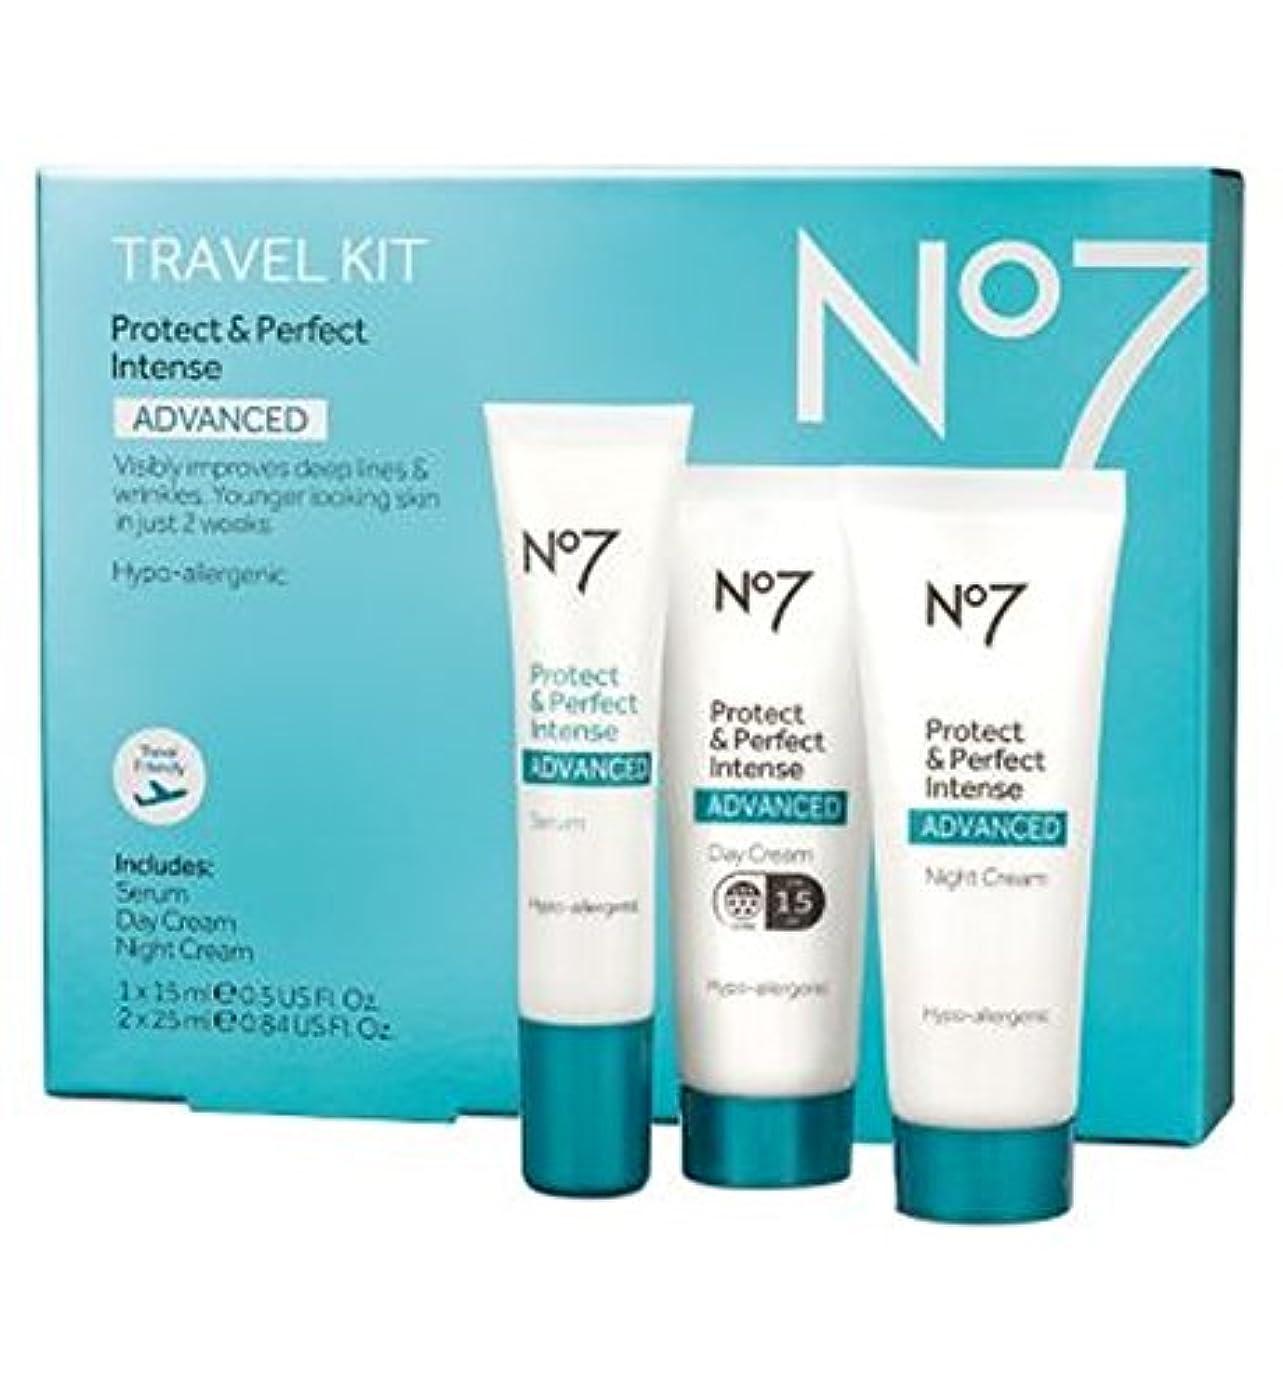 目の前のウルル貼り直すNo7 Protect & Perfect Intense ADVANCED Travel Kit - No7保護&完璧な強烈な高度な旅行キット (No7) [並行輸入品]